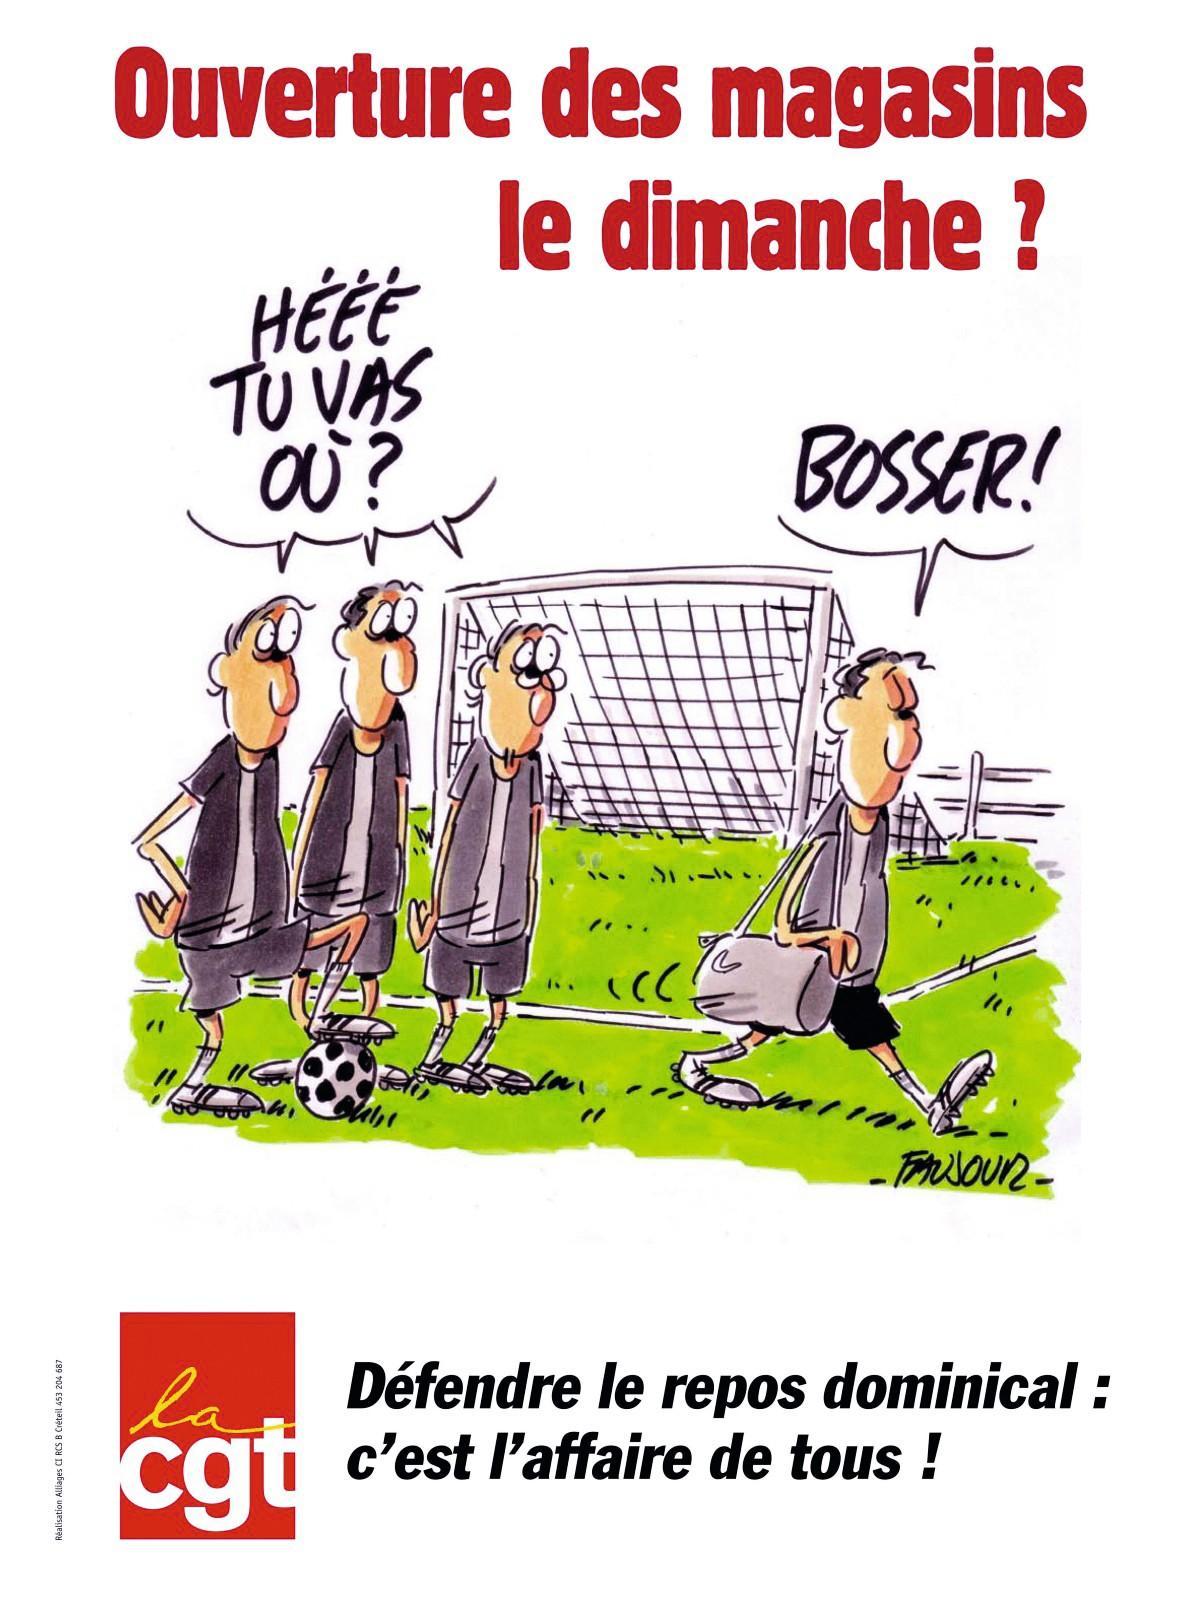 Tract de la CGT contre l'ouverture des Carrefour le dimanche, 2012